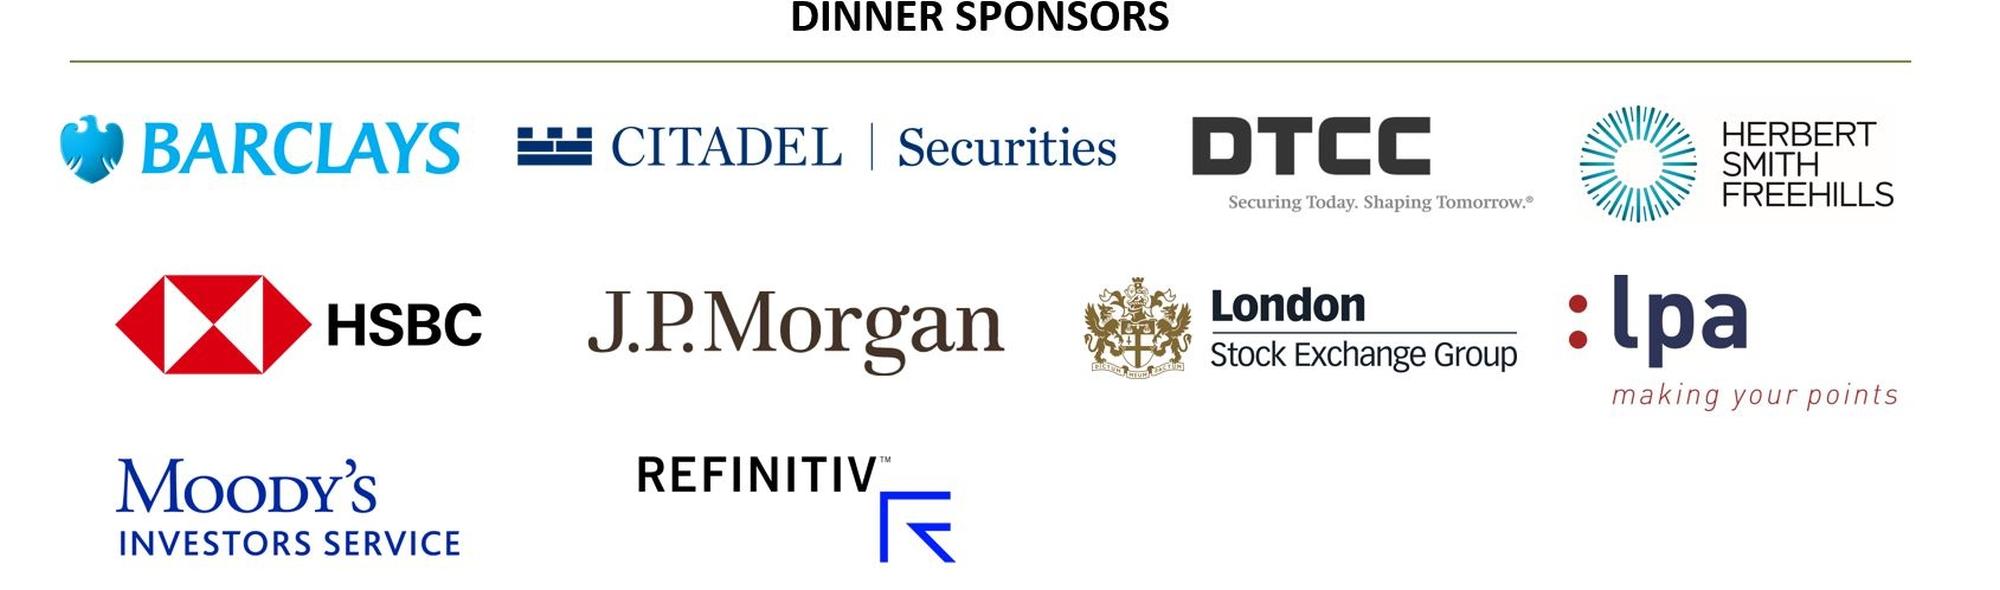 dinner-sponsors